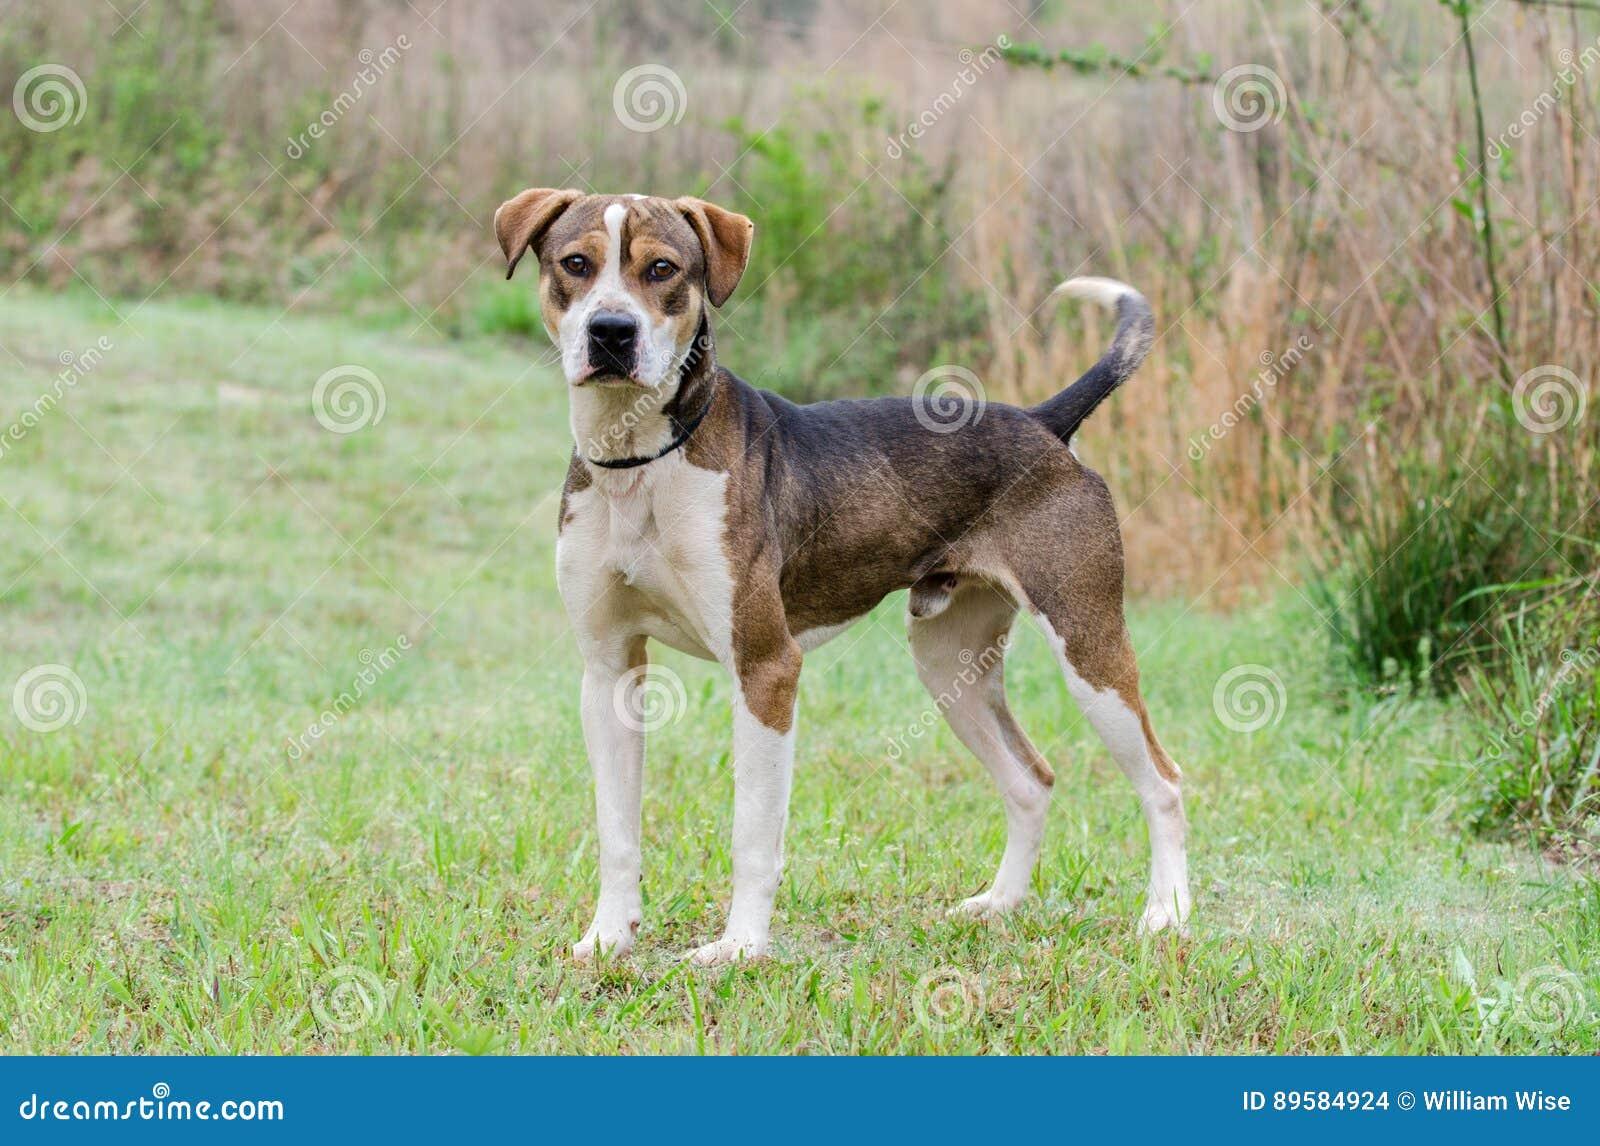 Hound Mixed Breed Dog Adoption Portrait Stock Image